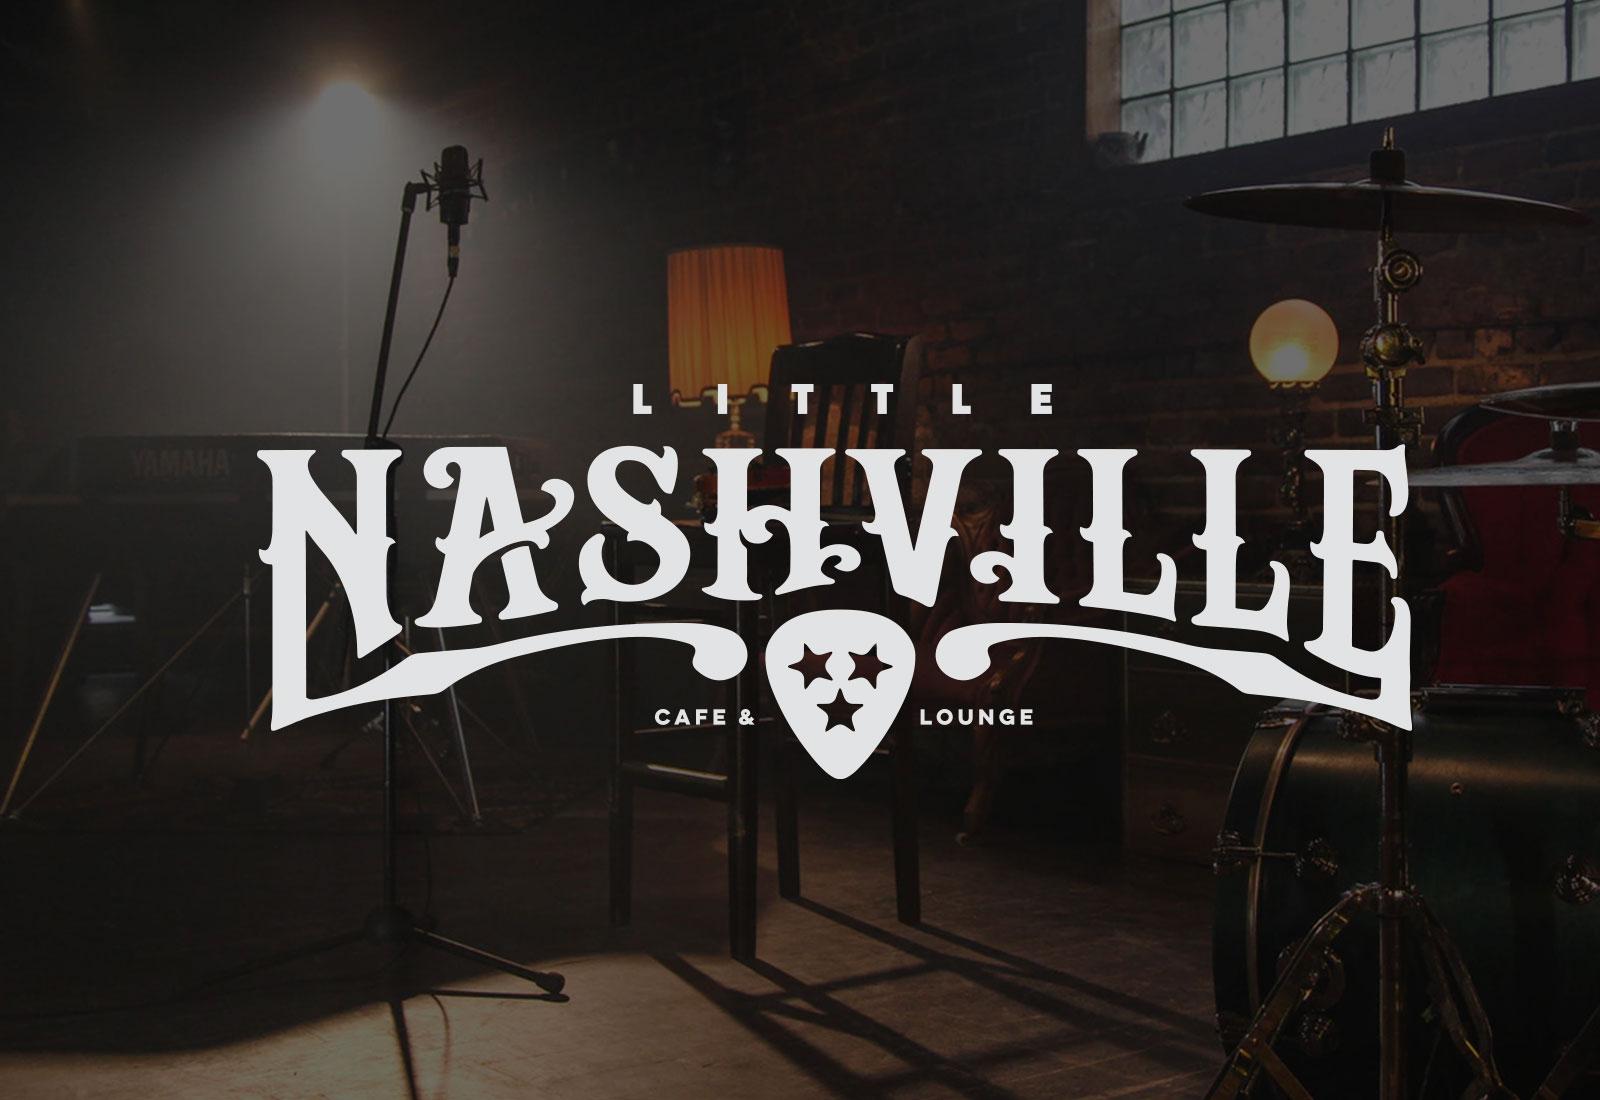 Little Nashville CustomLogo & Brand Design for Music Venue